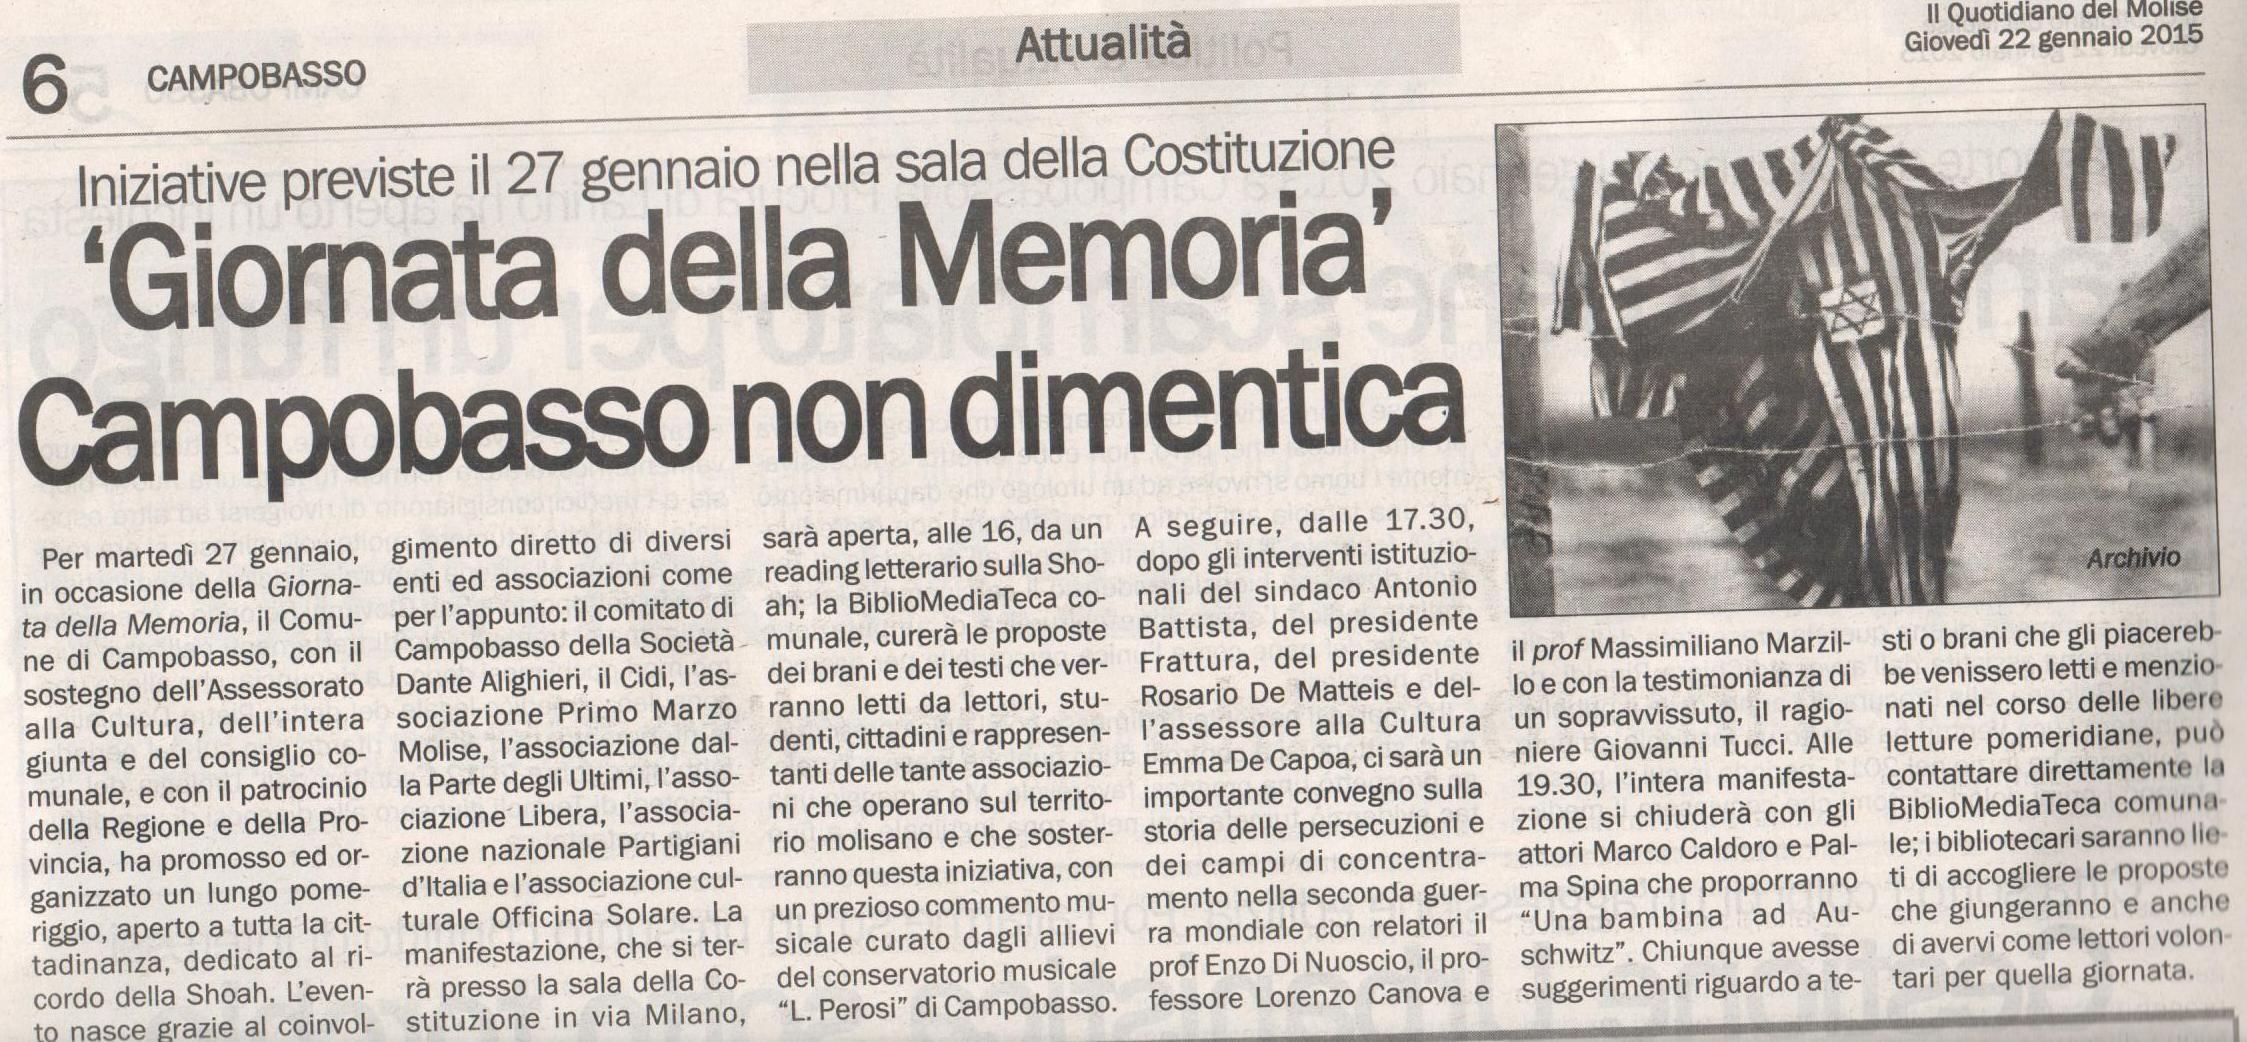 Giornata della Memoria 2015. Articolo Quotidiano del Molise